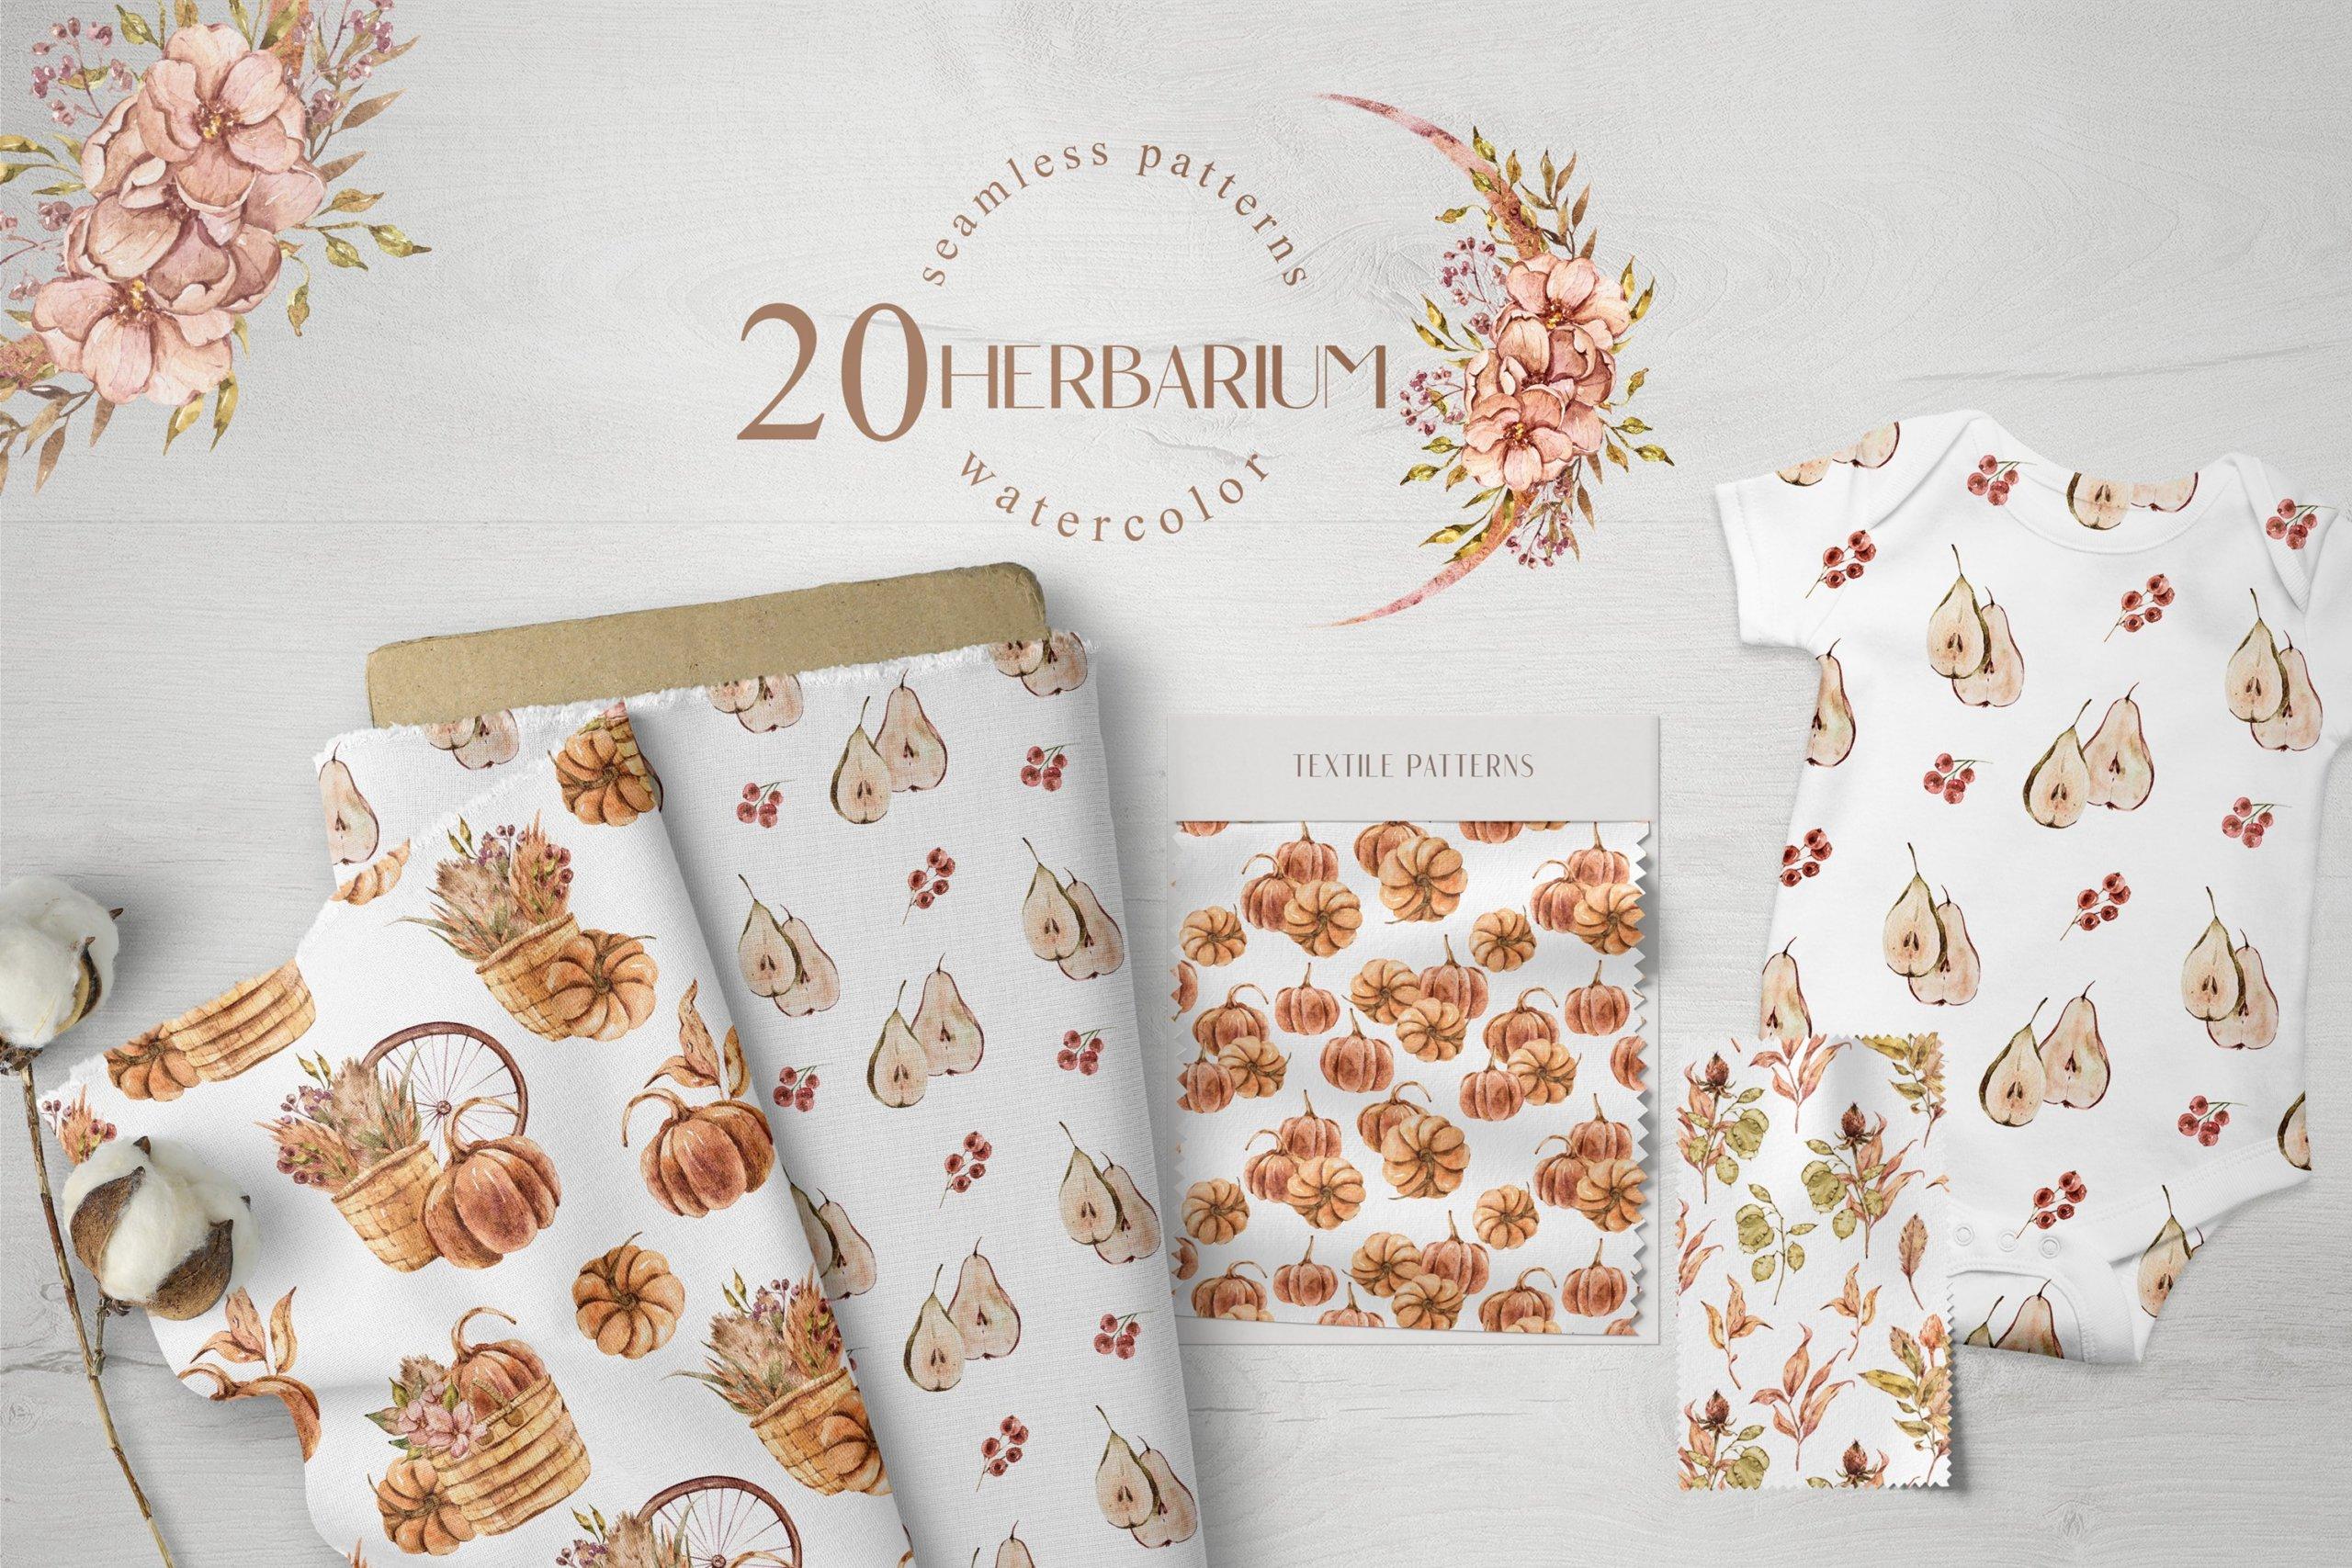 15款高清花卉字母手绘水彩插图图片设计素材 Watercolor Floral Seamless Patterns插图7